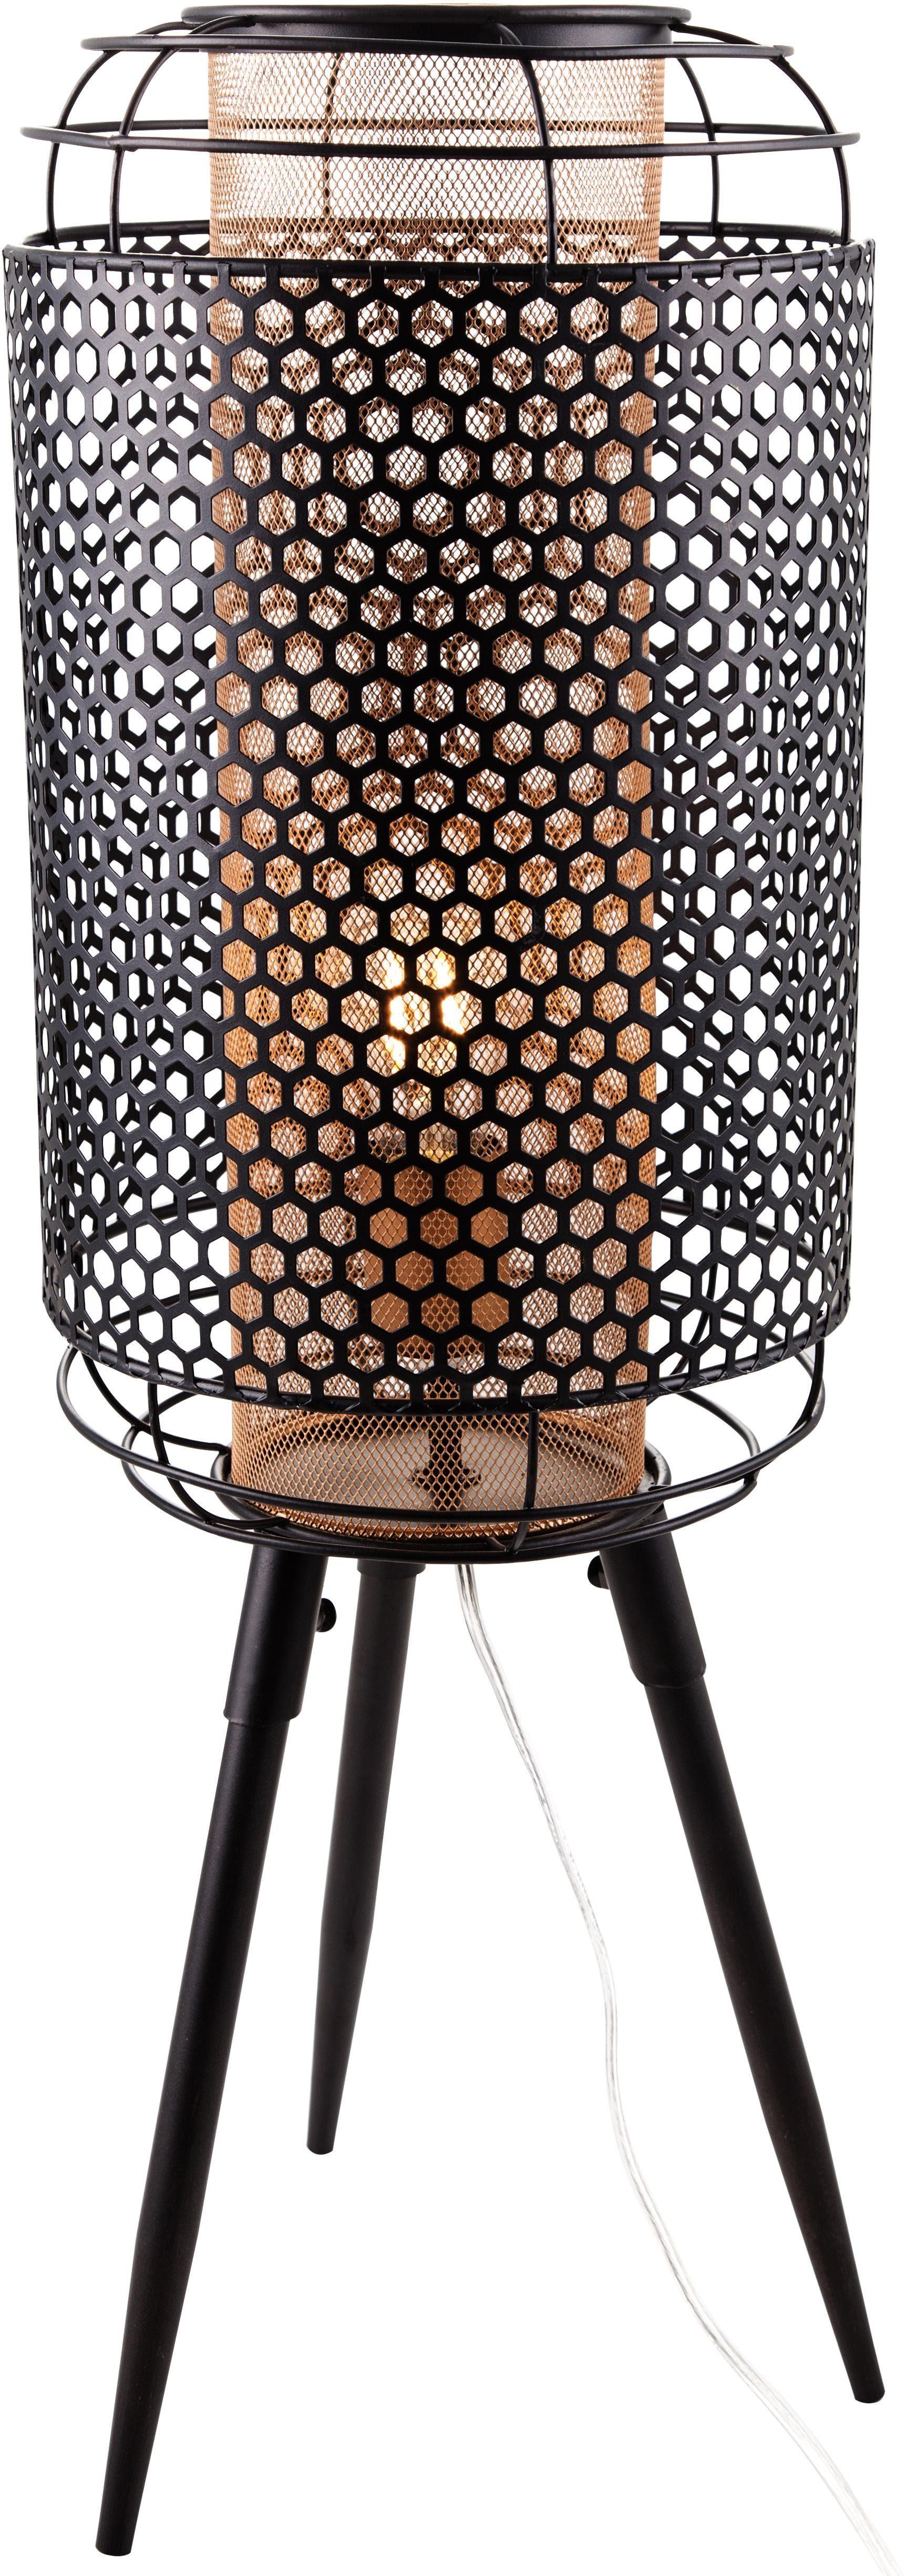 Nino Leuchten LED Tischleuchte Denton, E27, 1 St., Warmweiß, Höhe 70,5 cm, Durchmesser 24 cm